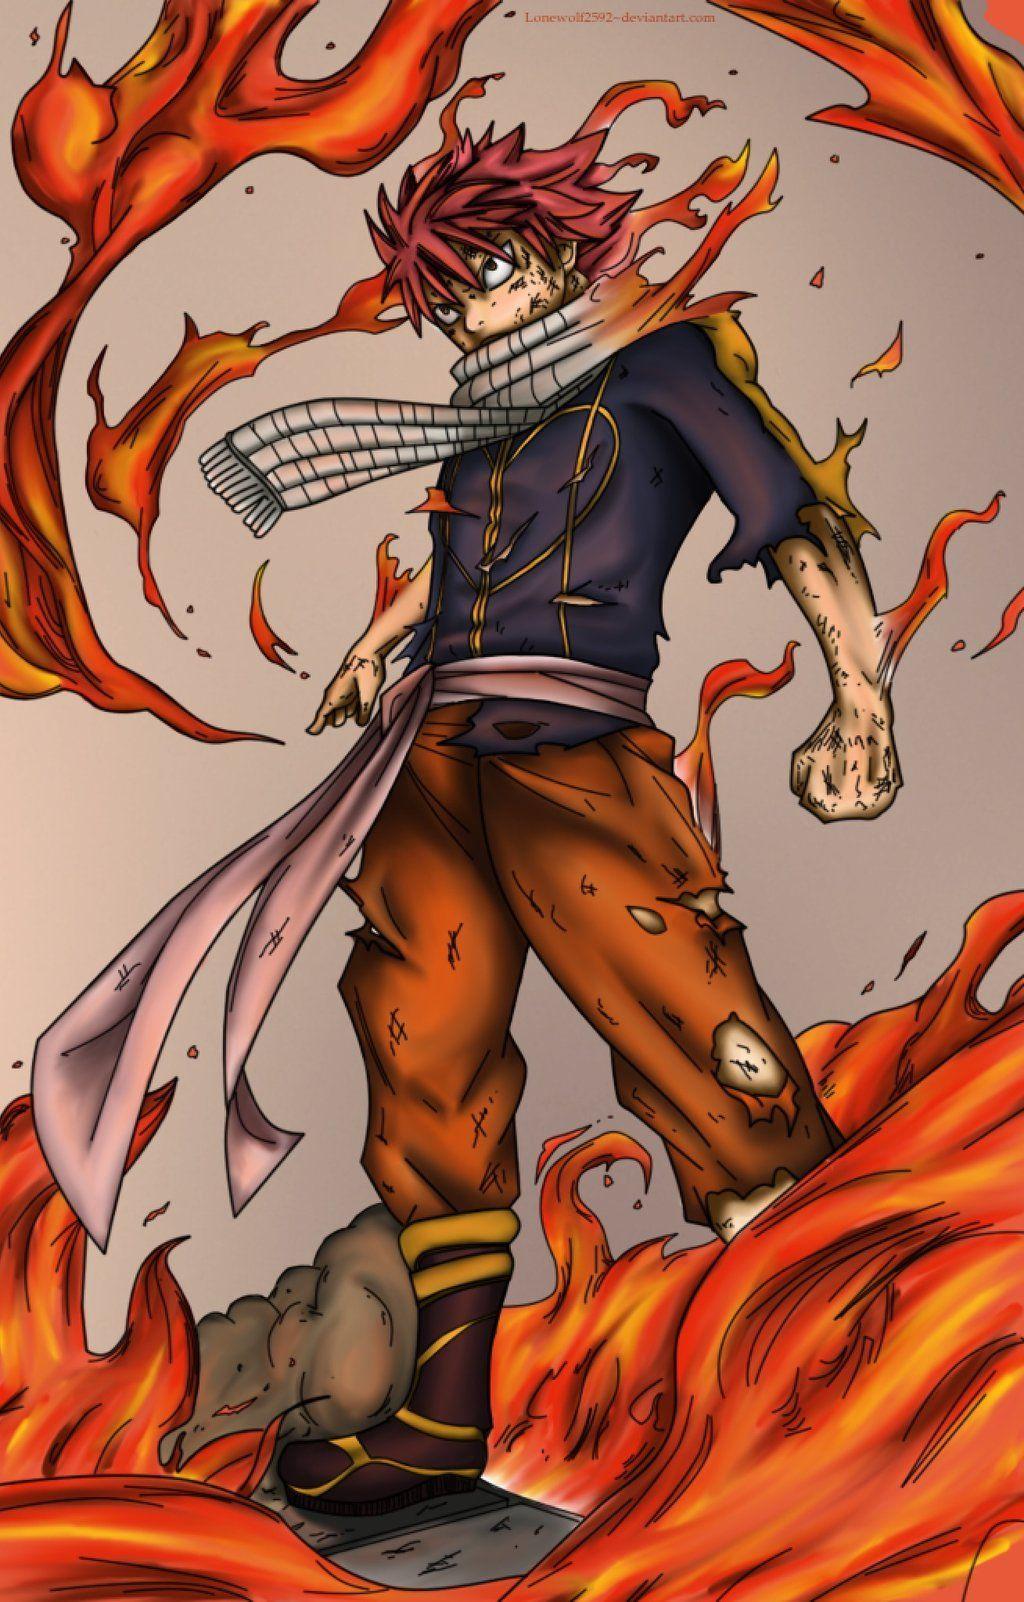 Fairy Tail Natsu Natsu, Anime, Fotos